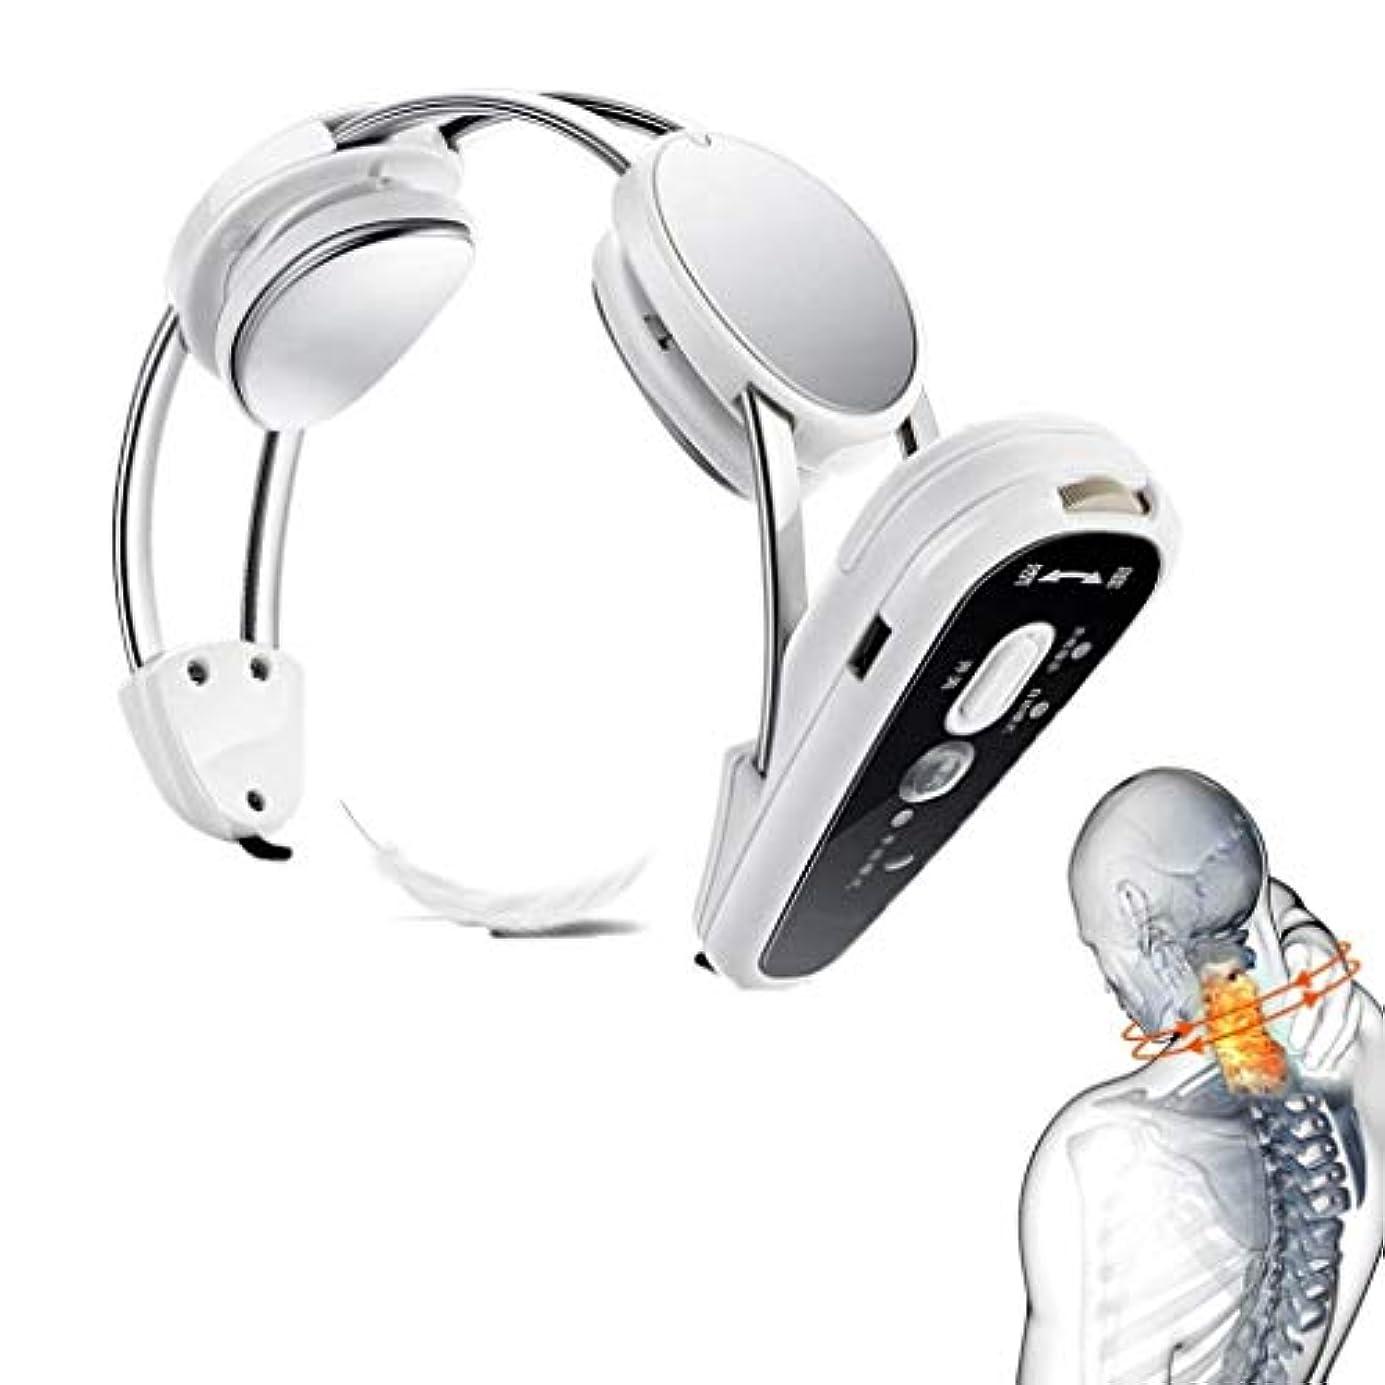 ファイバ粘り強い組熱くするUSB??充満の電気首のマッサージャーは筋肉痛を取り除き、慢性的な首の苦痛を取り除きます、家、オフィス/車/家のポータブル